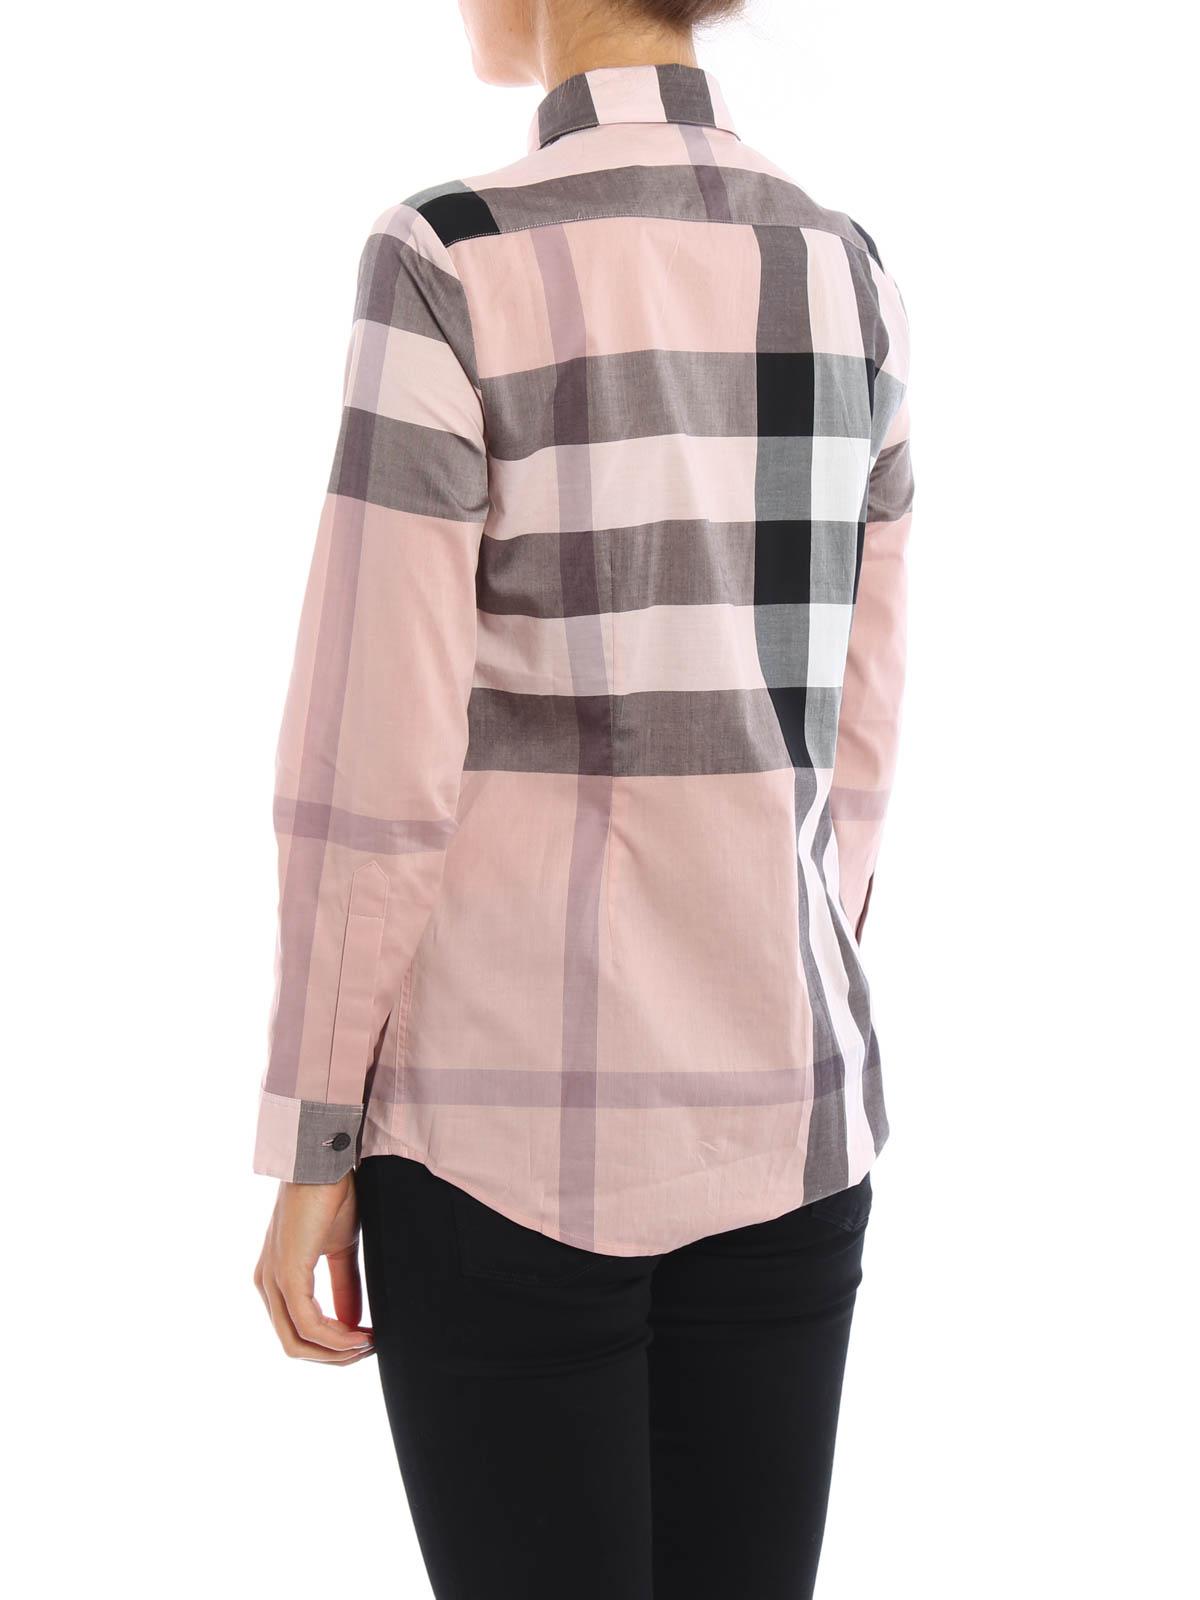 camicia in cotone stampato burberry camicie ikrix. Black Bedroom Furniture Sets. Home Design Ideas